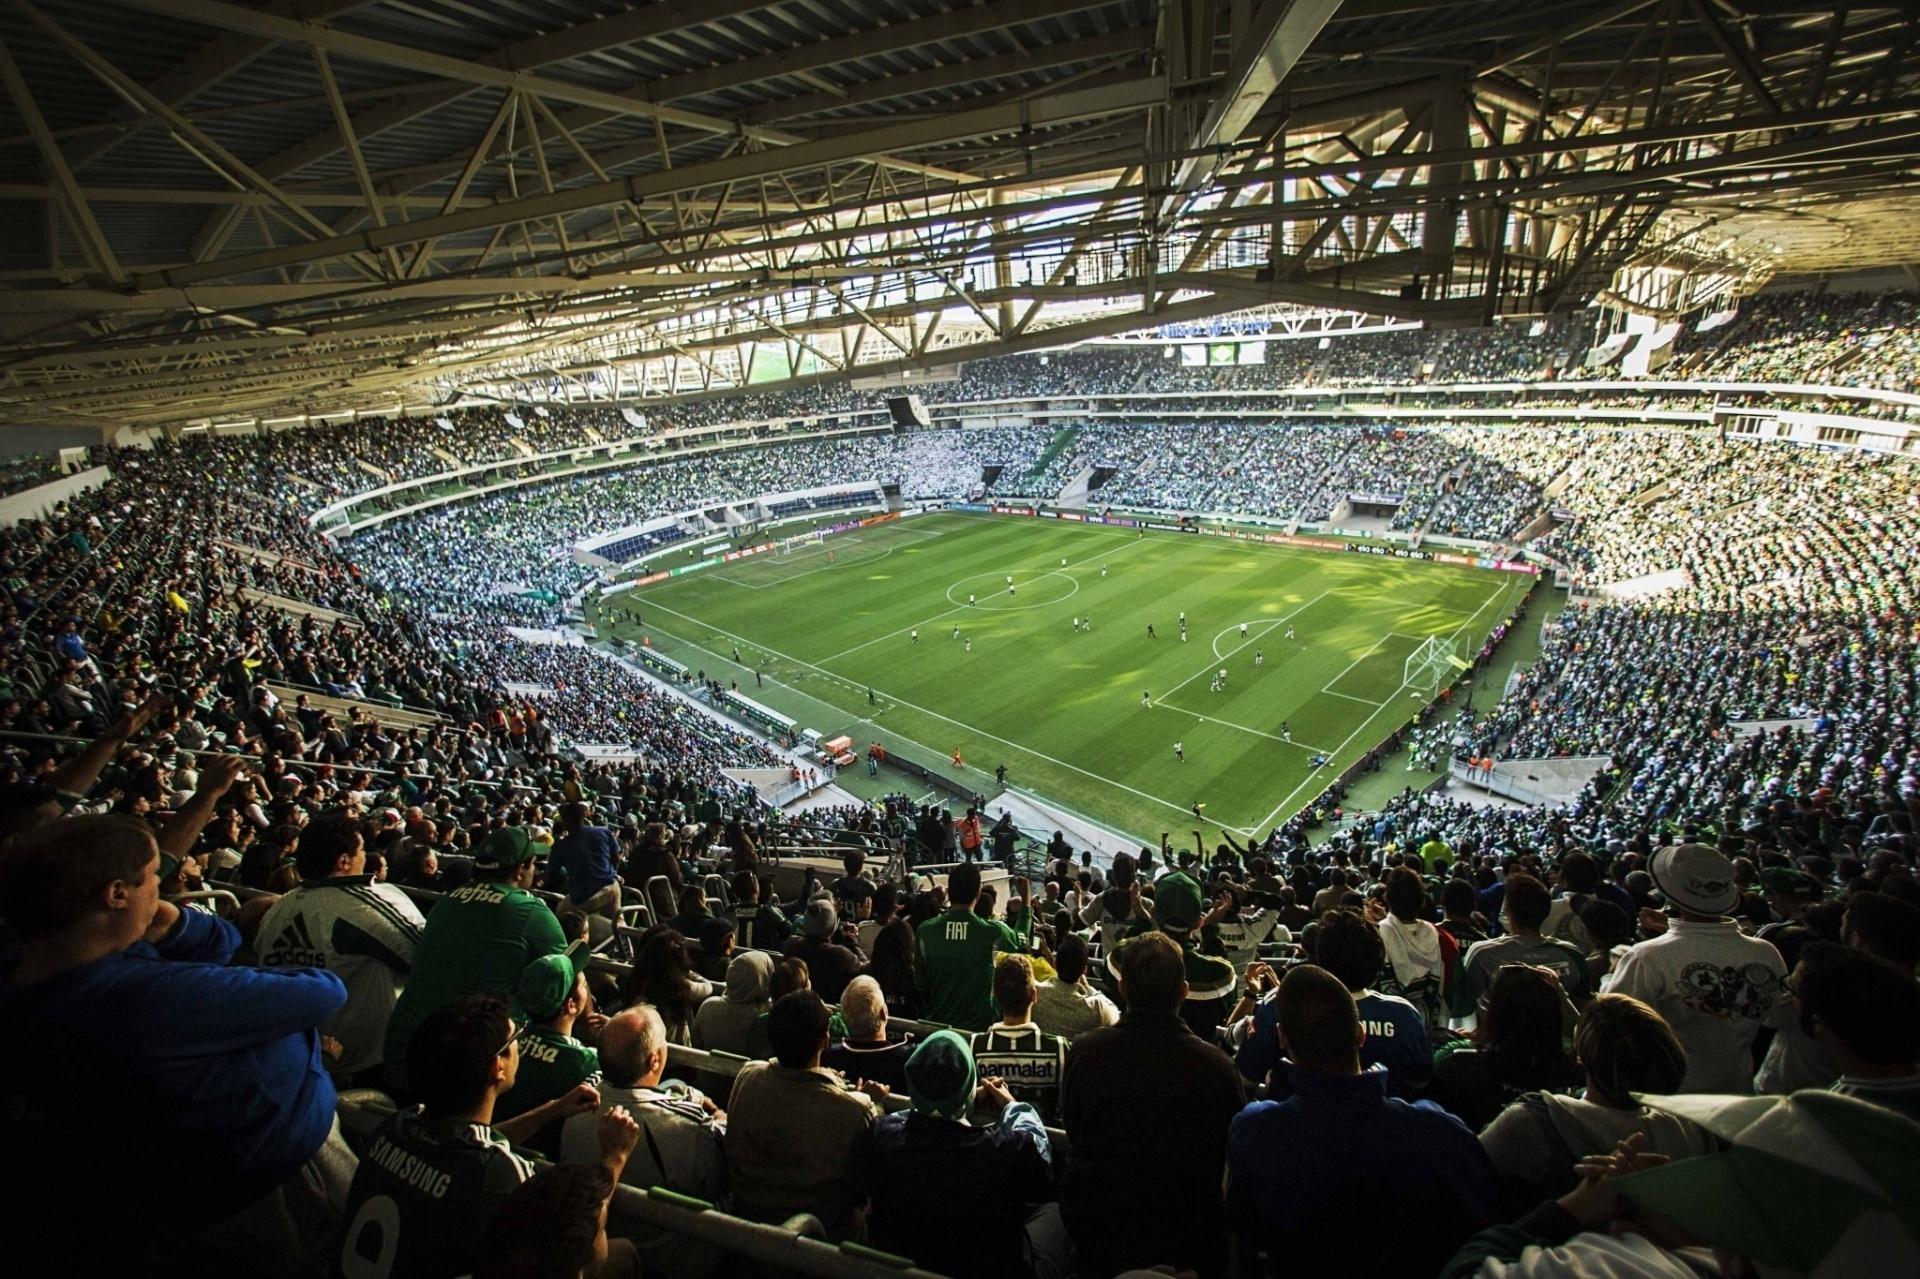 40295f6b9c262 Palmeiras cria setor para mulheres e aumenta gratuidade a crianças -  13 03 2019 - UOL Esporte